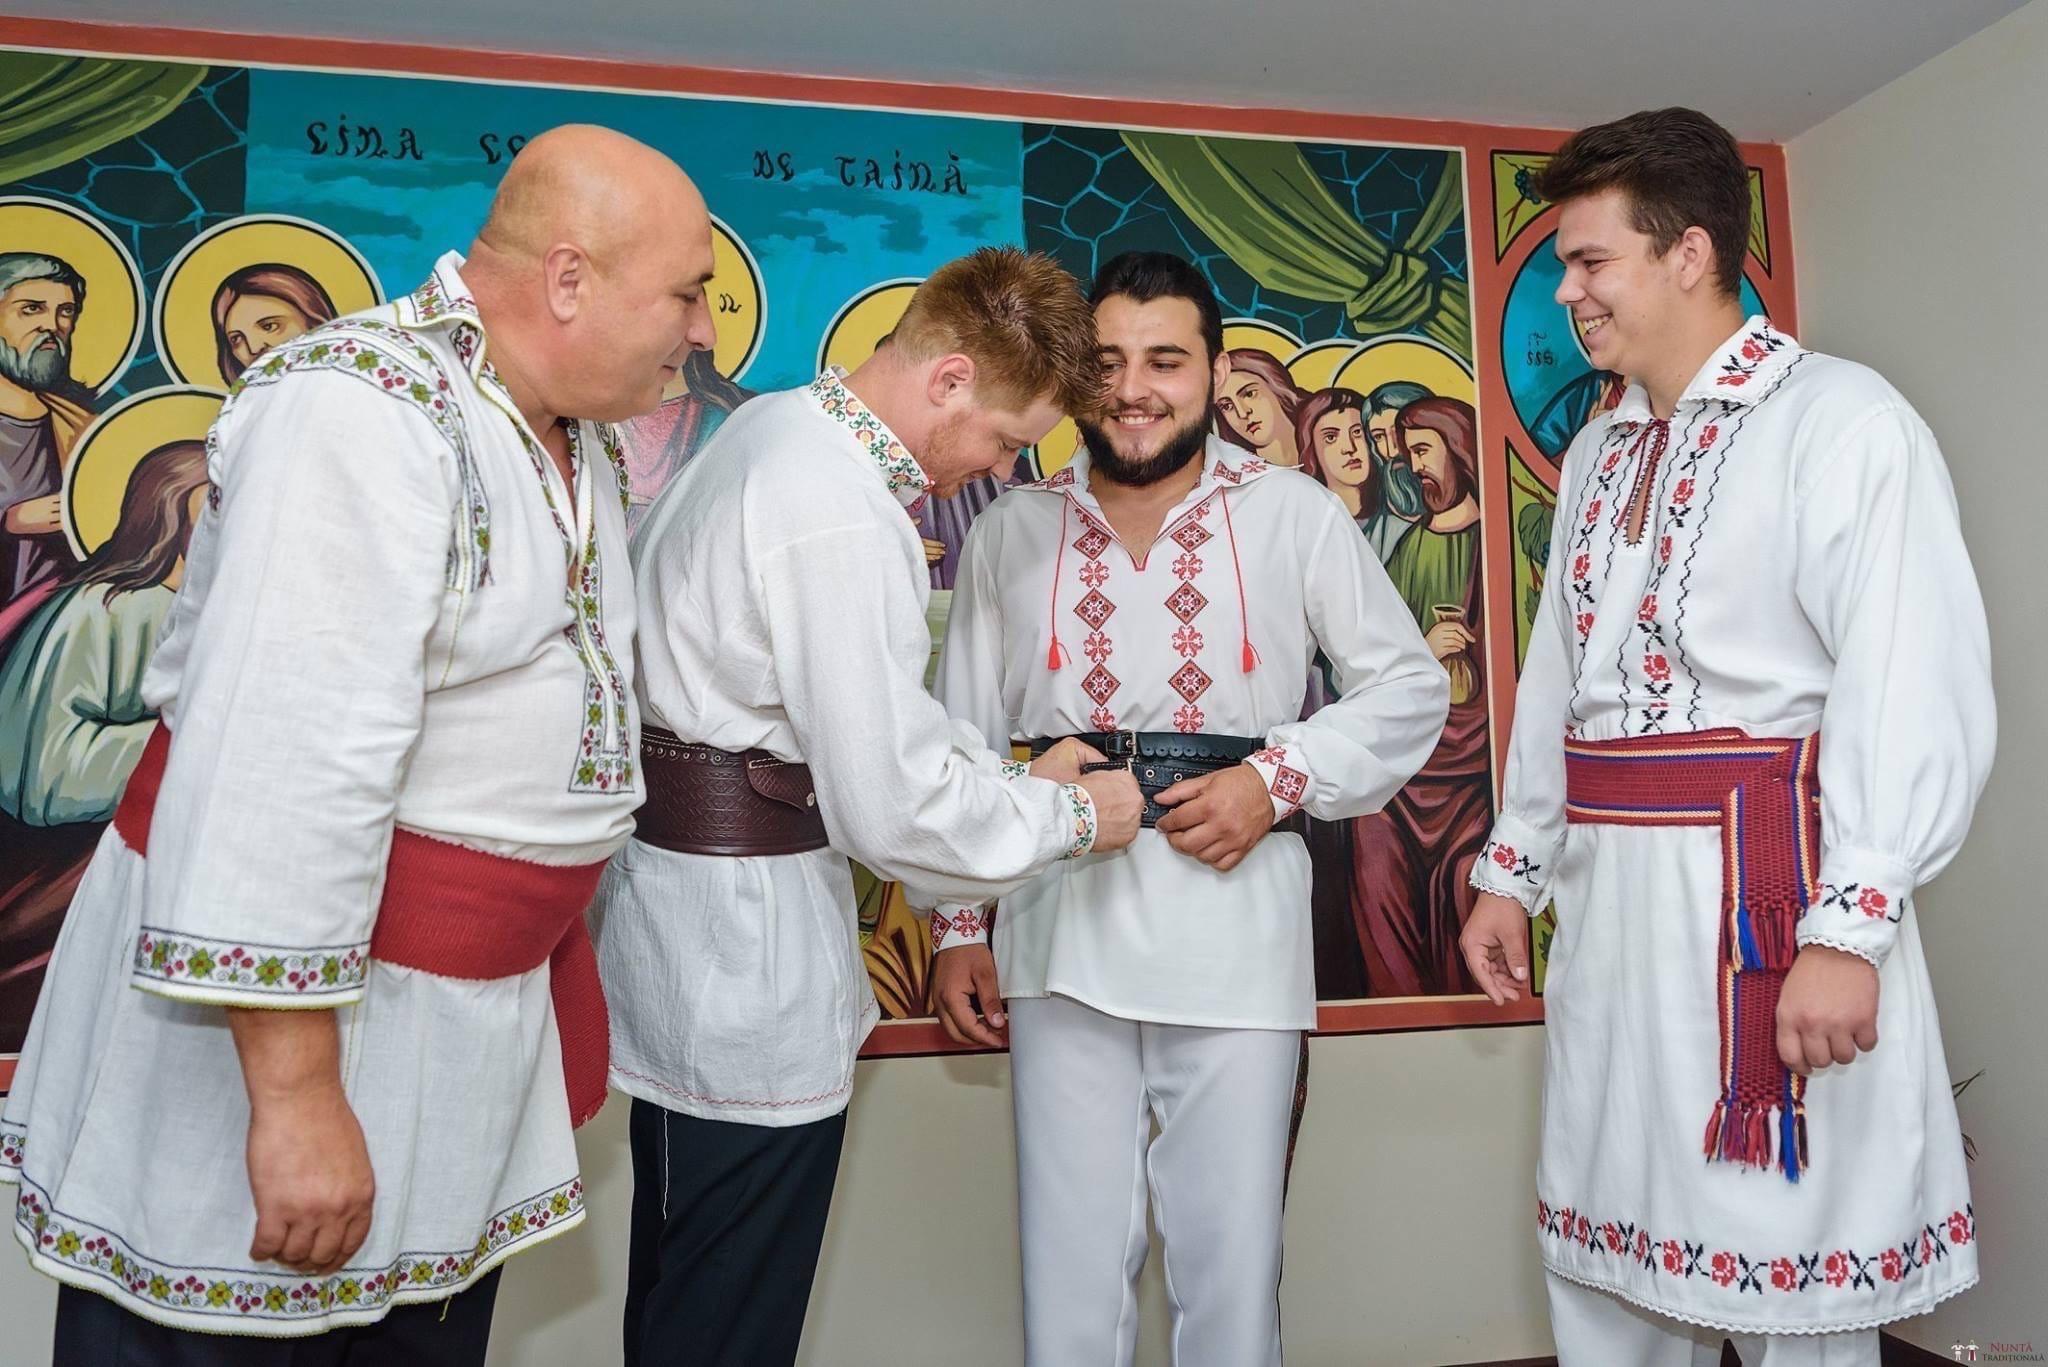 Povești Nunți Tradiționale - Daniela și Cristian, nuntă tradițională în Slobozia, Giurgiu 38